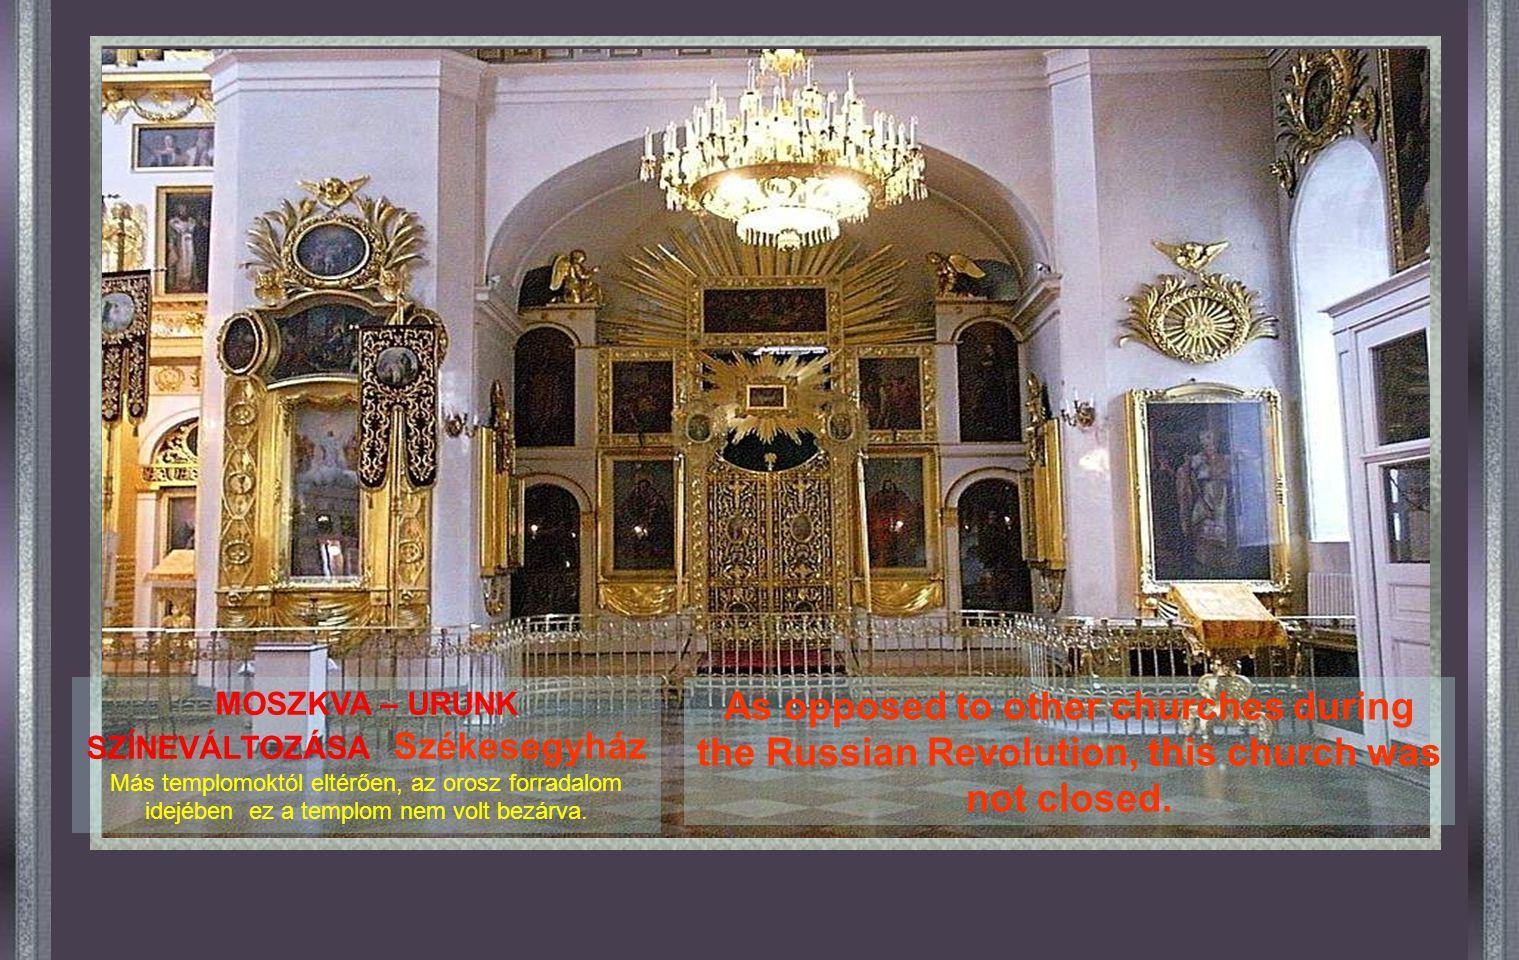 MOSZKVA - SZENT LAJOS Székesegyház